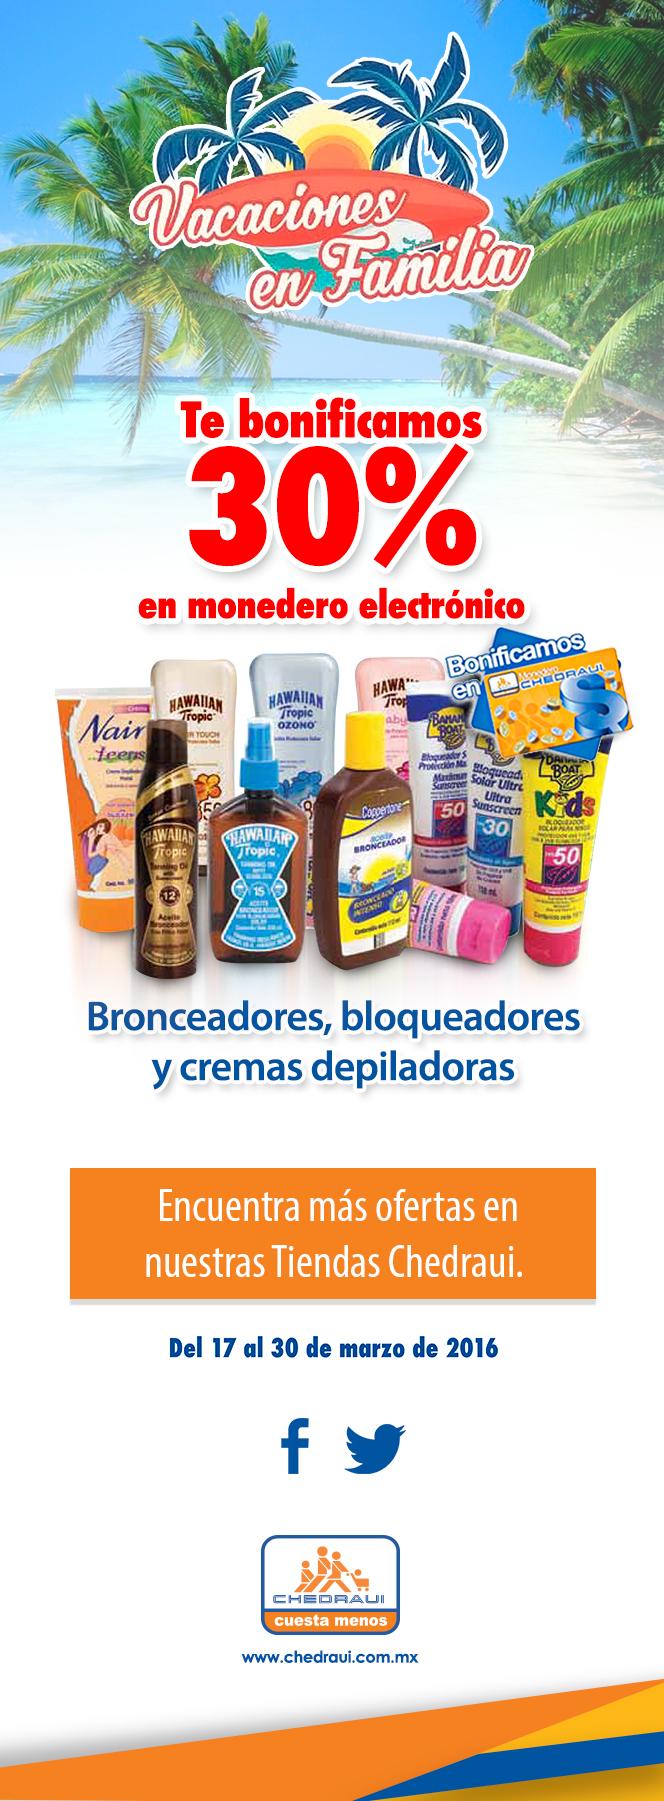 Chedraui: Bonificación del 30% en Monedero en bronceadores, bloqueadores y cremas depiladoras